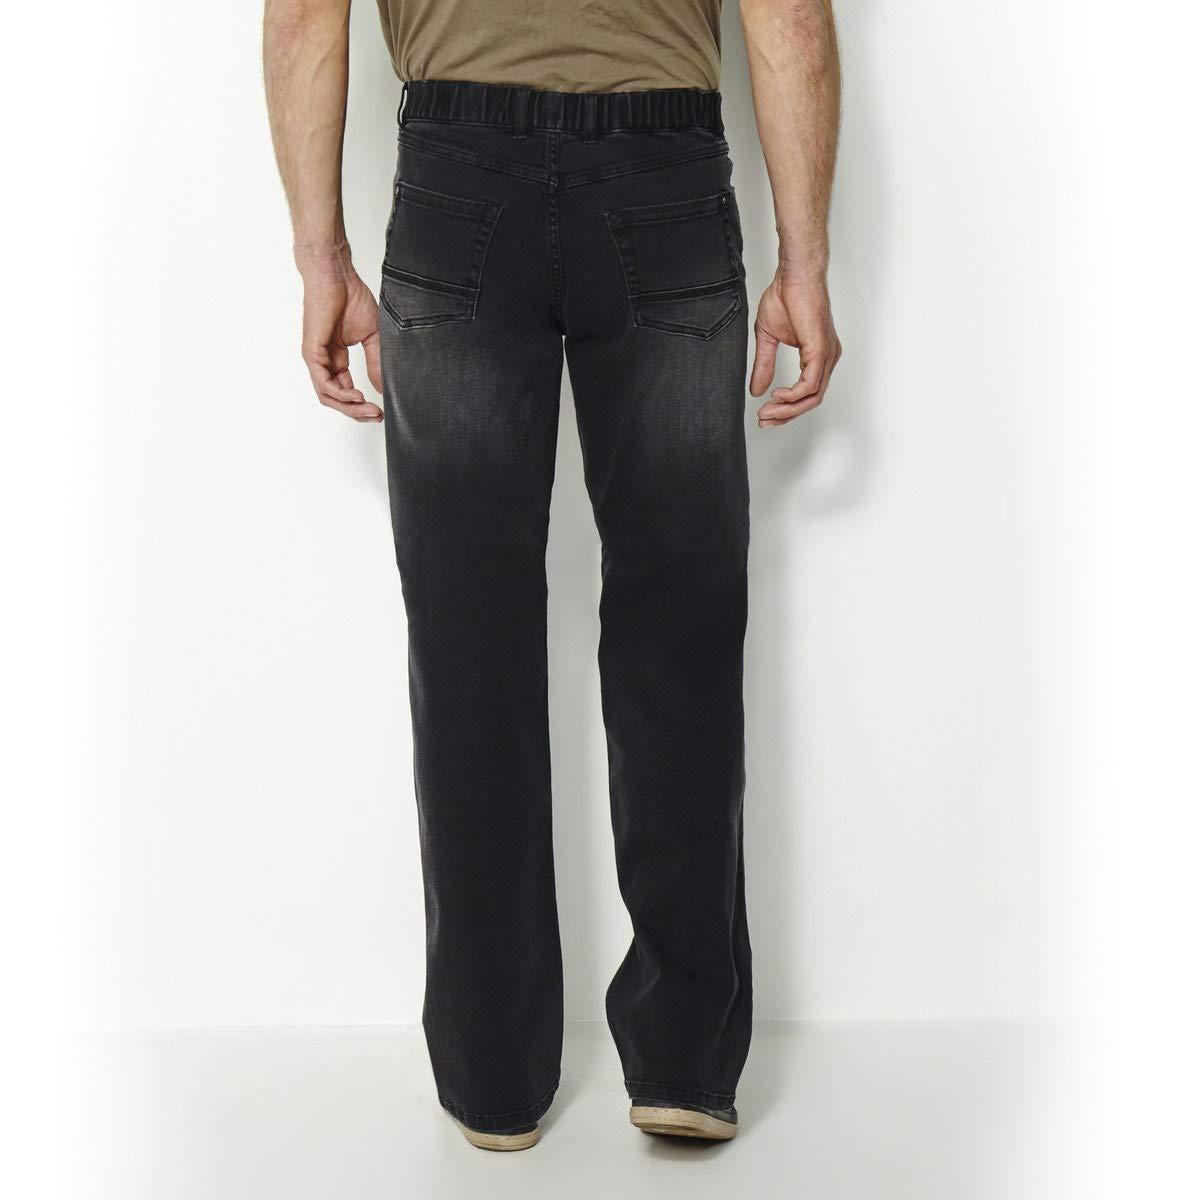 Length 33 La Redoute Castaluna for Men Mens Elasticated Waist Stretch Jeans